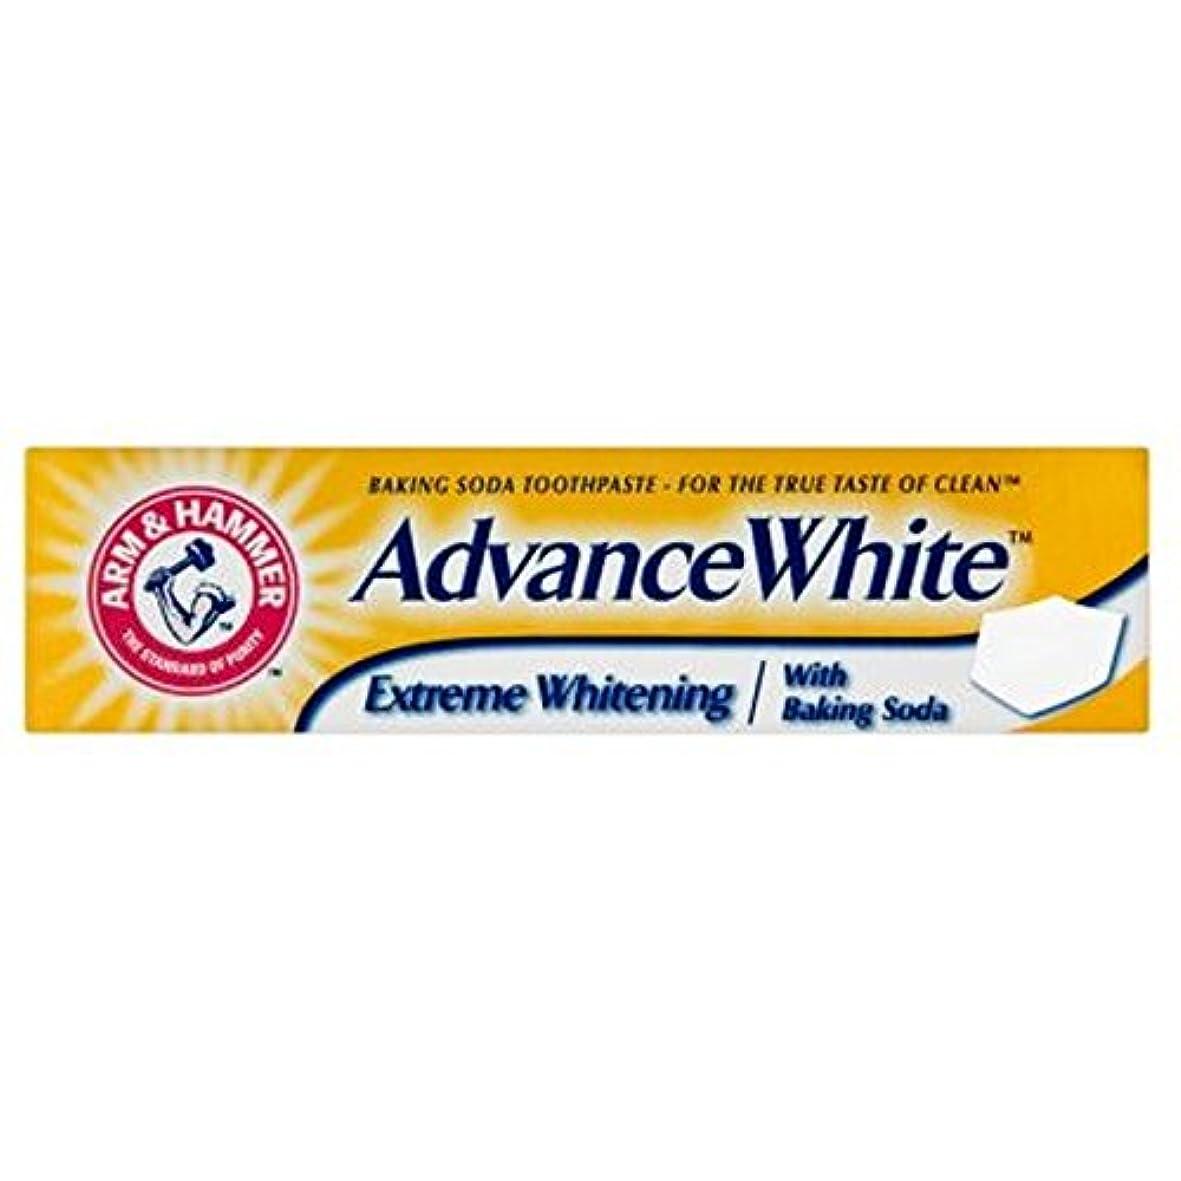 退却置換仕様重曹歯磨き粉75ミリリットルをホワイトニングアーム&ハンマー事前白極端 (Arm & Hammer) (x2) - Arm & Hammer Advance White Extreme Whitening Baking...